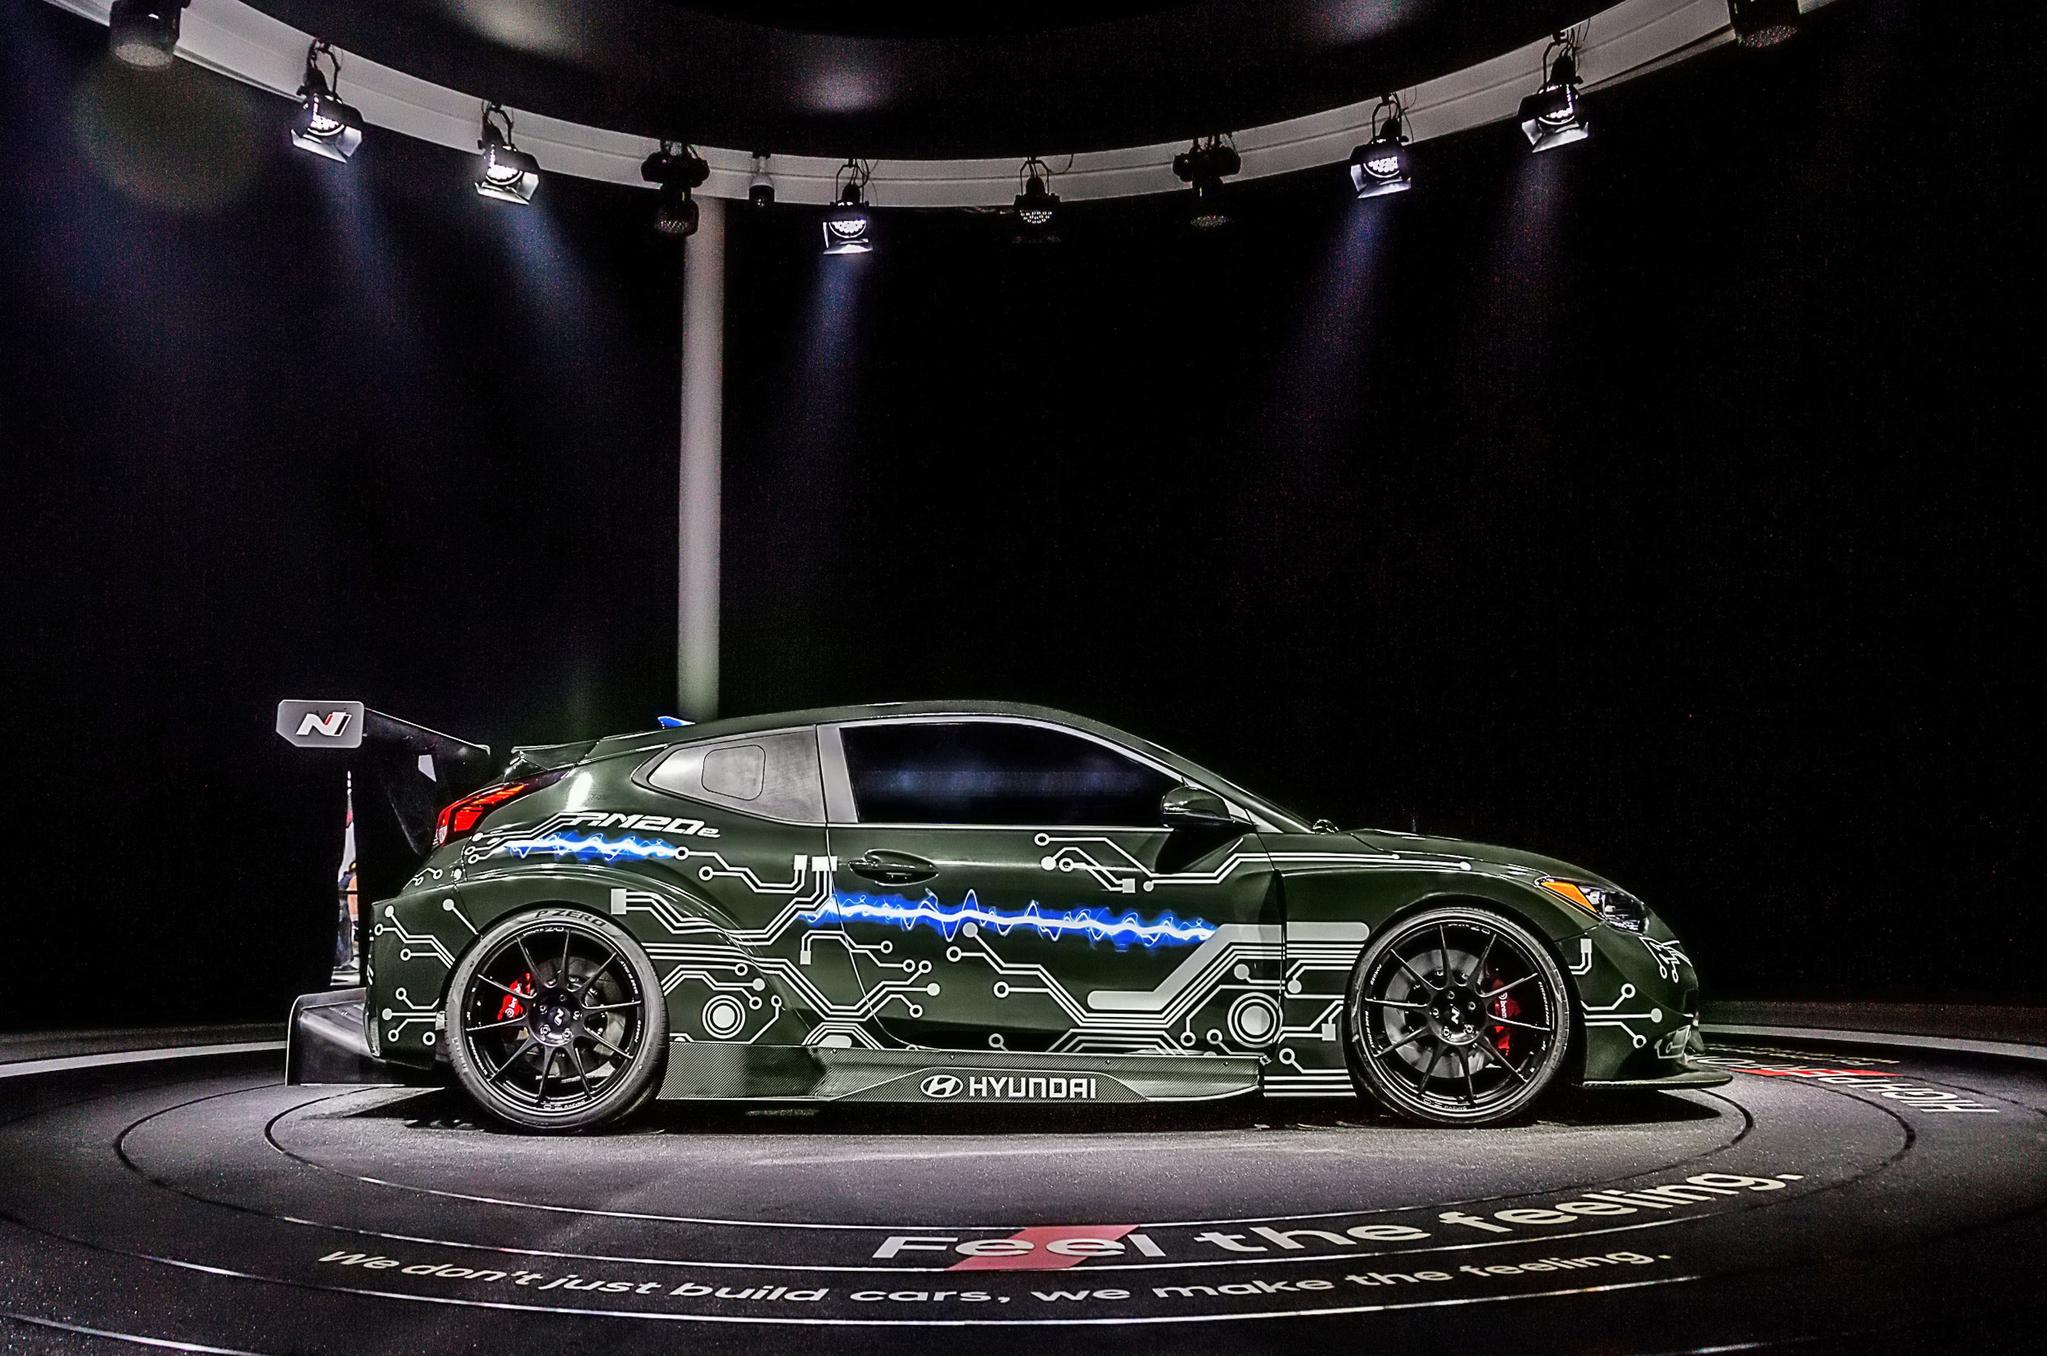 현대자동차가 베이징모터쇼에서 세계 최초 공개한 고성능 전기차 RM20e. 현대차가 지분투자한 크로아니티아 전기 슈퍼카 업체 리막의 기술이 적용됐다. 사진 현대자동차